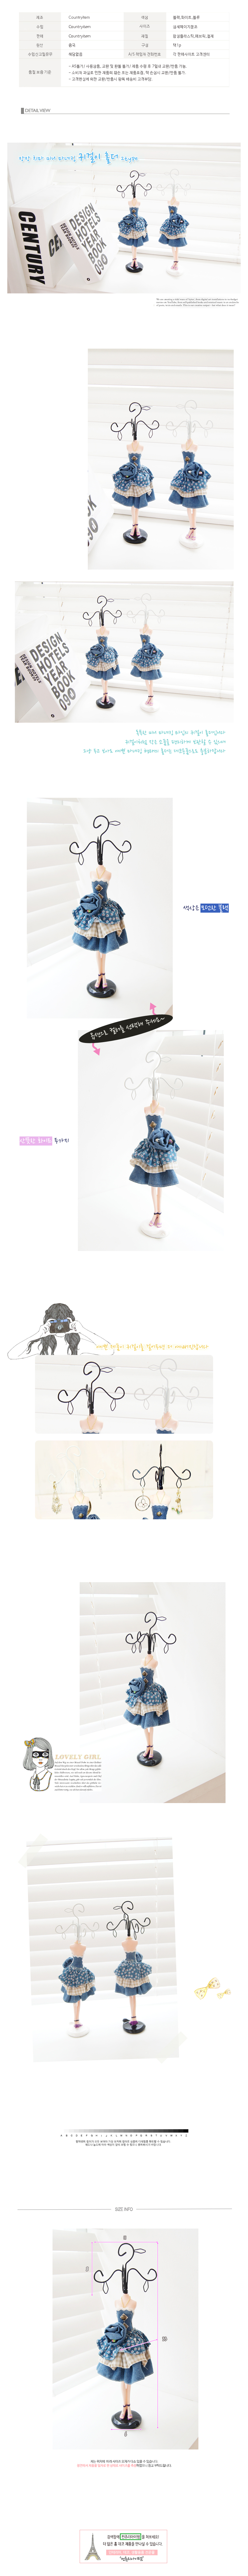 캉캉 치마 미니 마네킹 귀걸이 홀더 2type - 컨츄리아이템, 16,800원, 보관함/진열대, 주얼리진열대